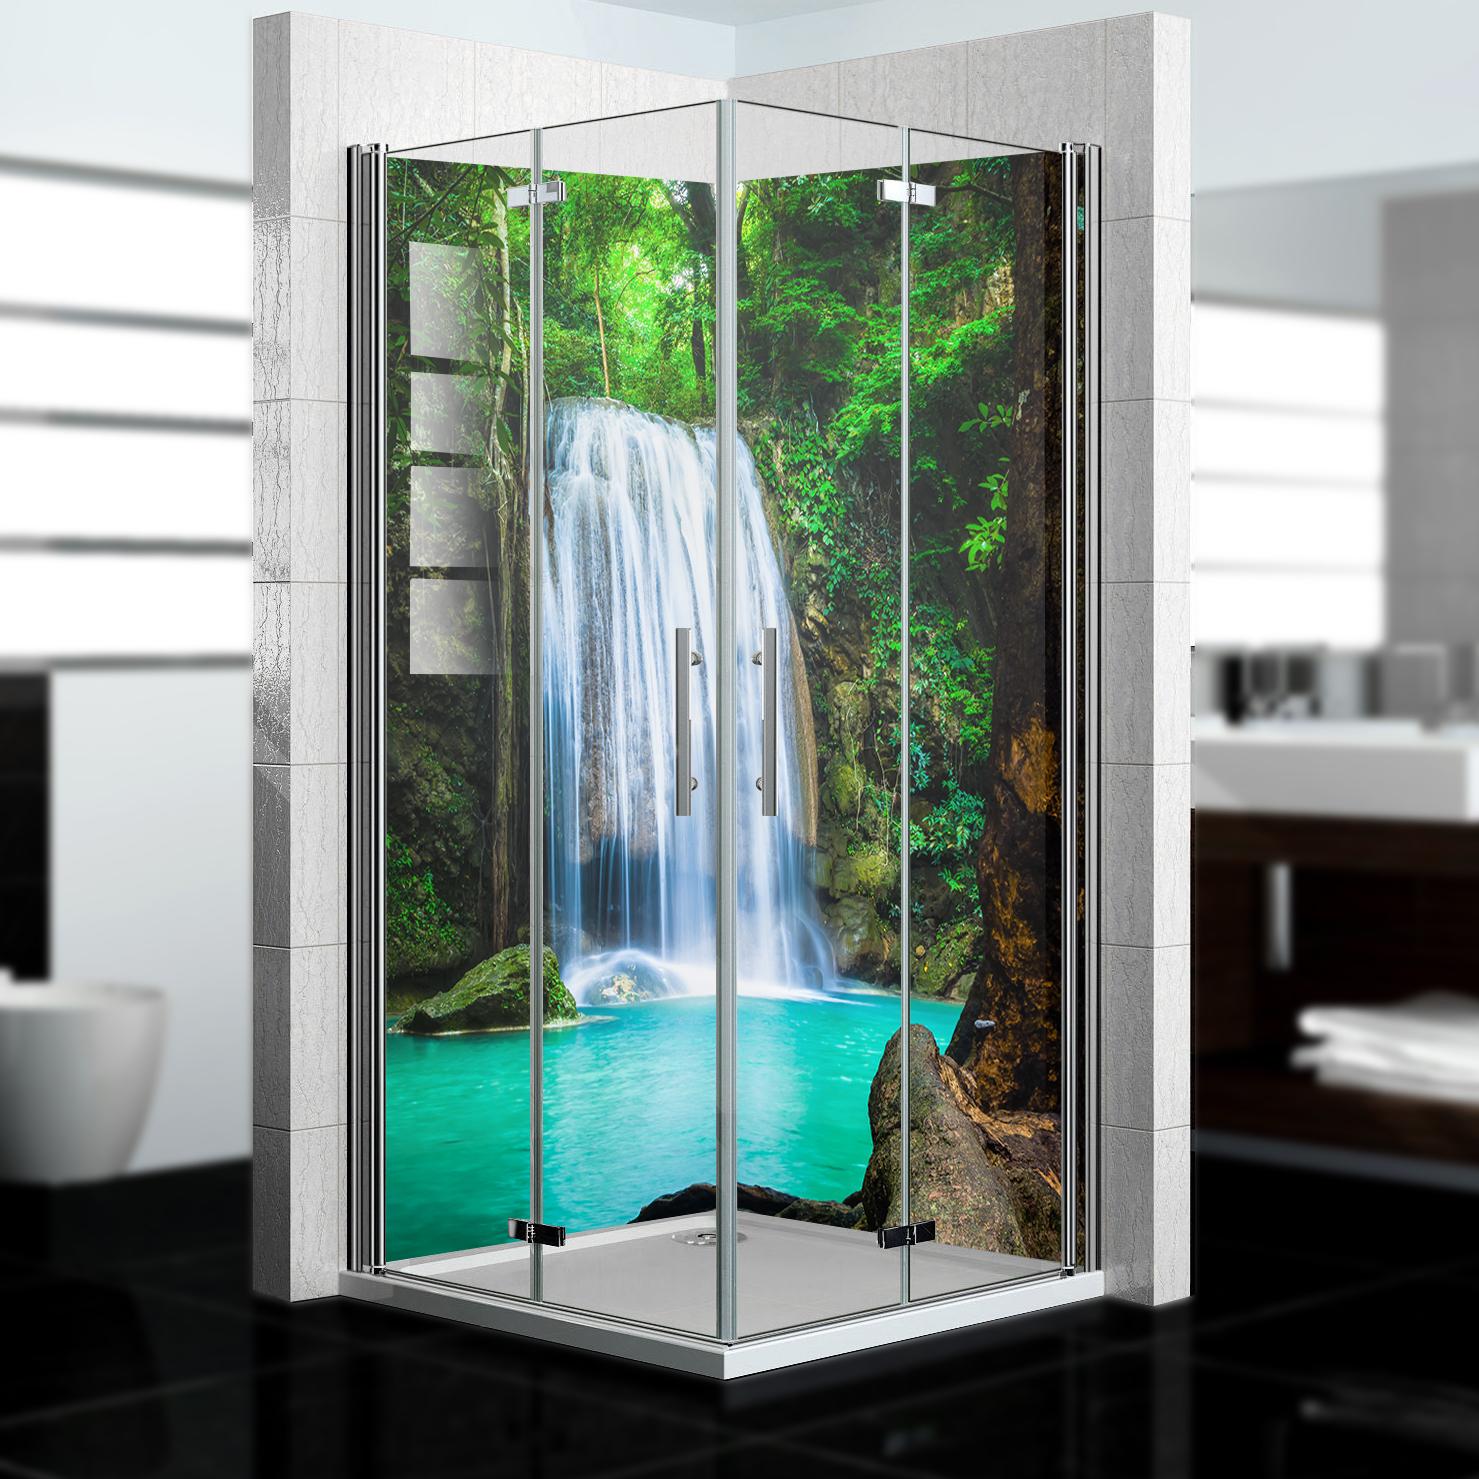 Duschrückwand mit Wasserfall V1 Motiv, als Badrückwand zum Fliesenersatz